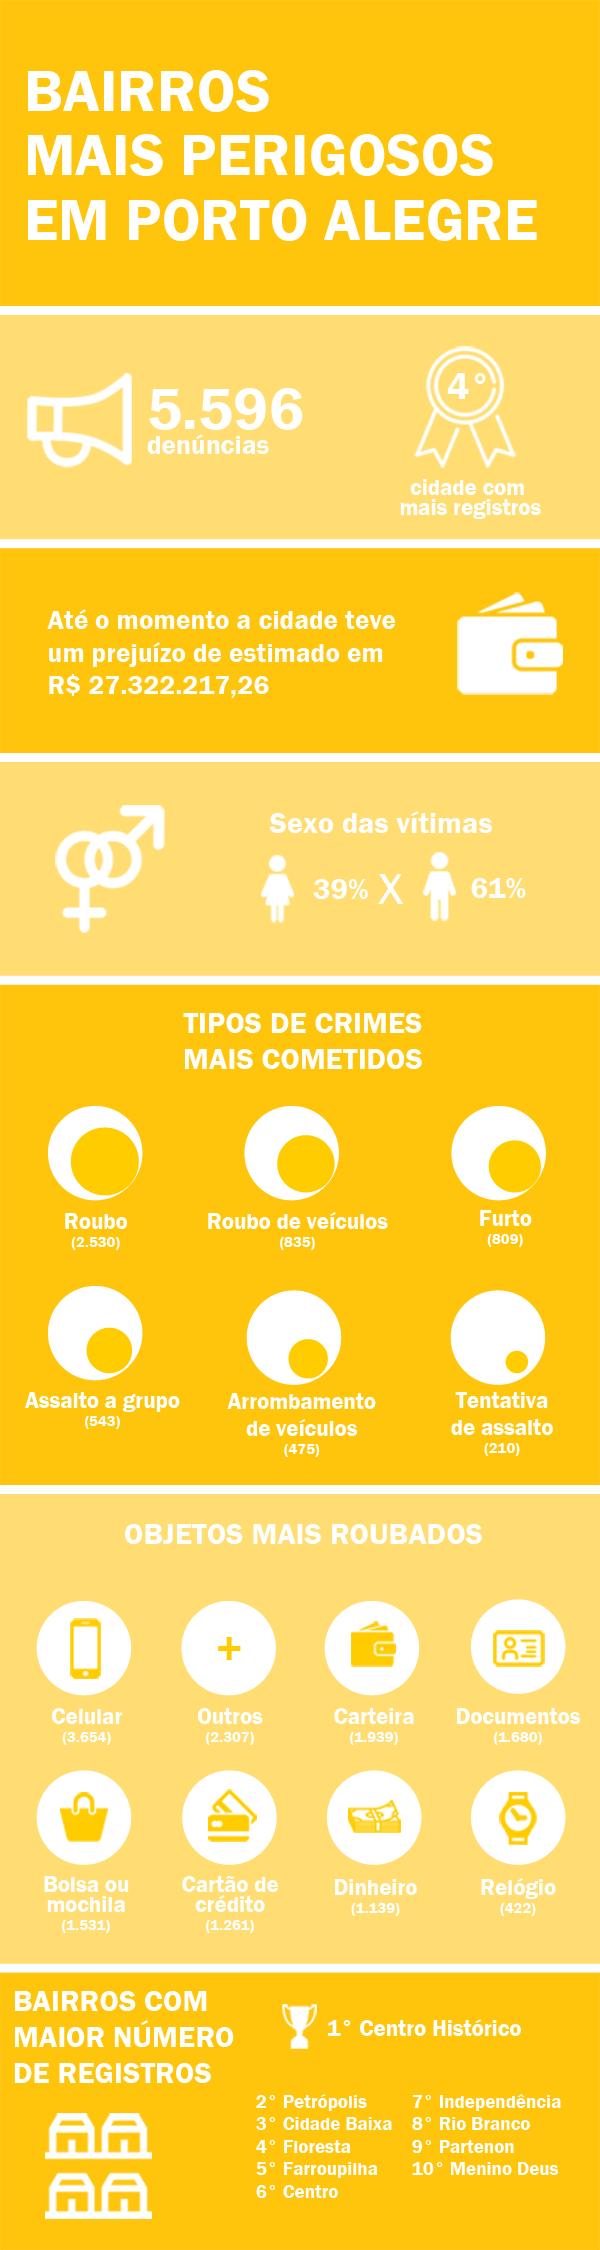 Infográfico dos bairros mais perigosos em Porto Alegre